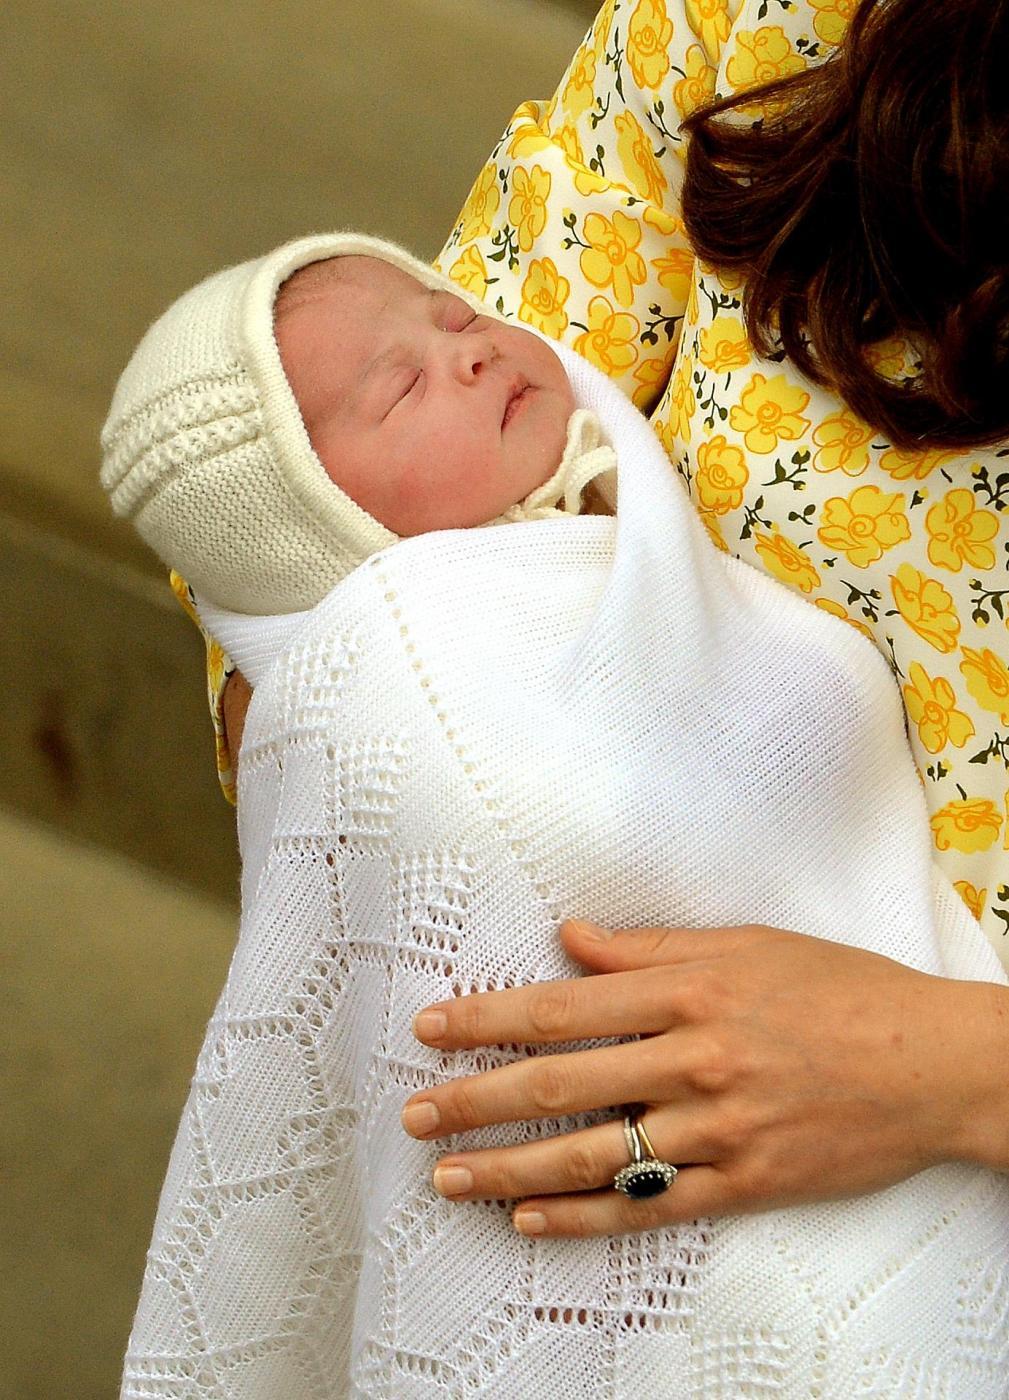 Royal Baby in braccio a Kate che esce dall'ospedale 09